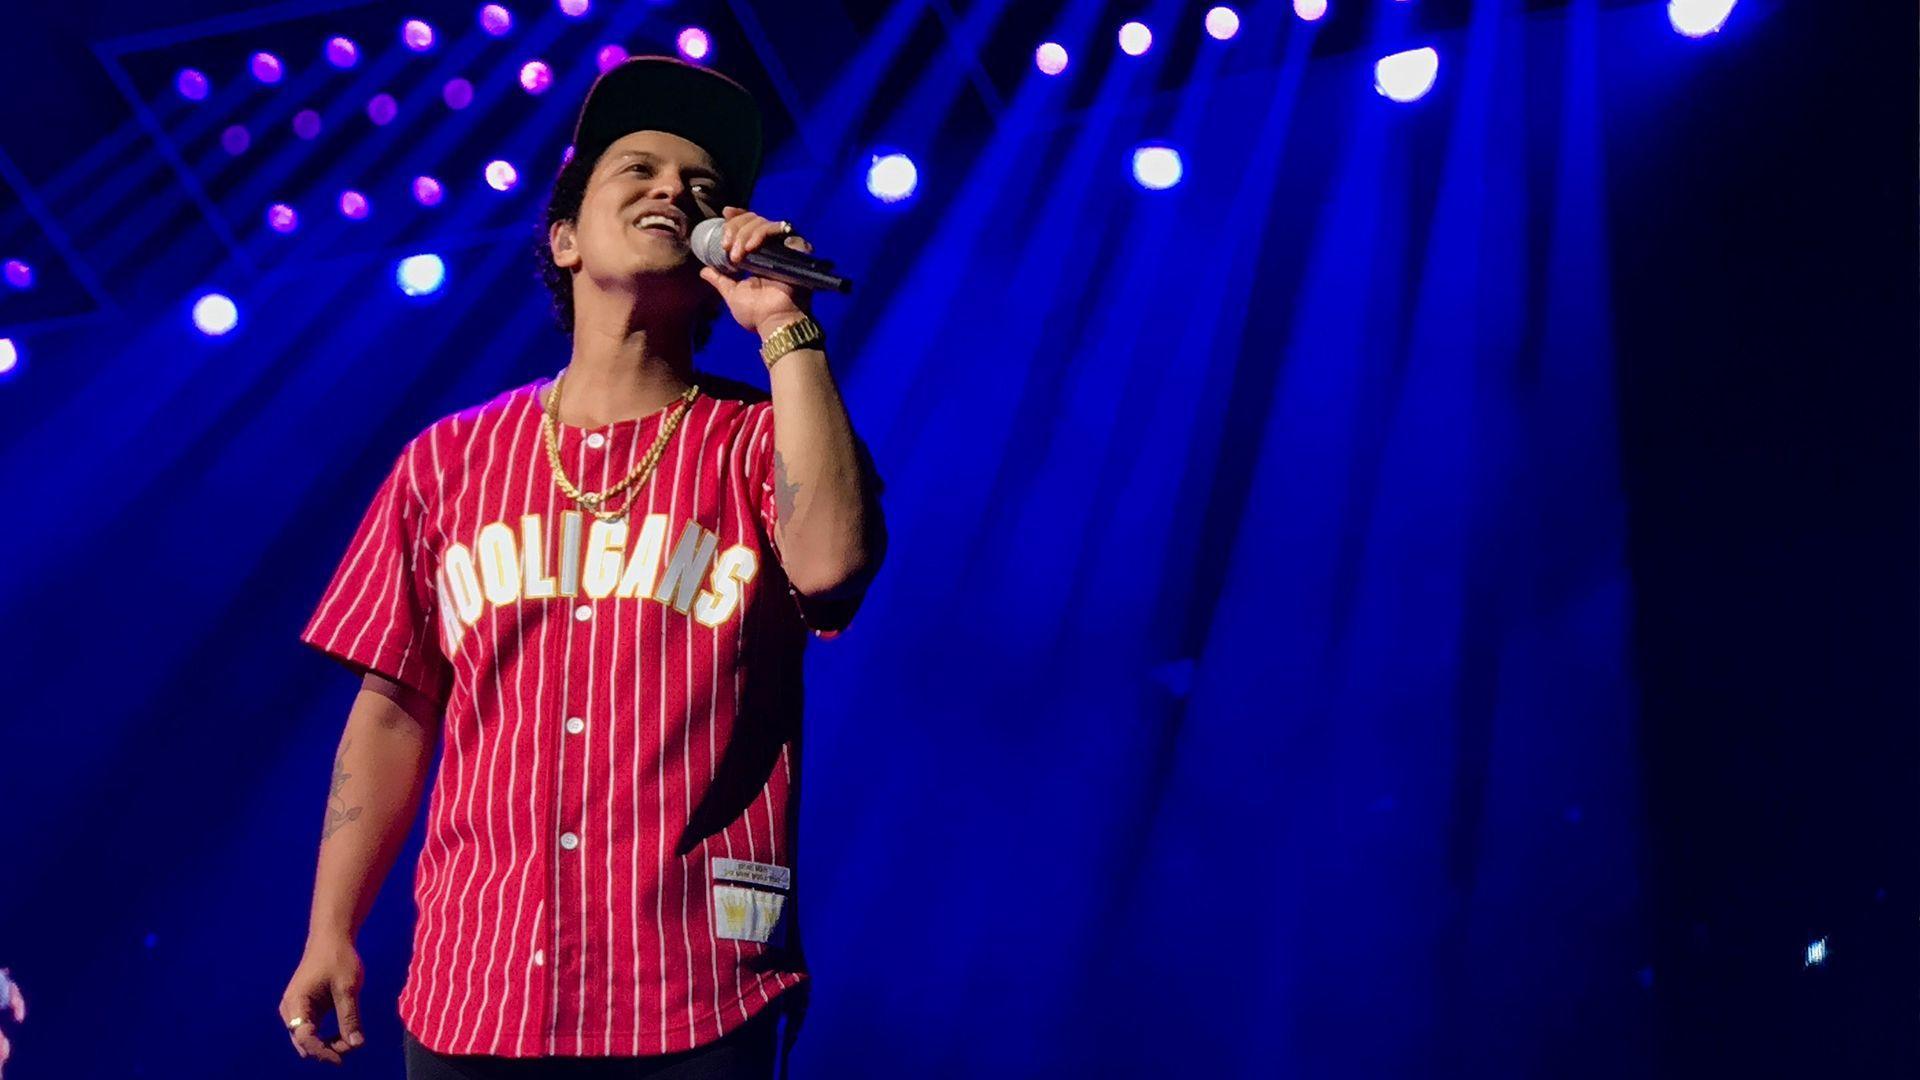 Bruno Mars 24K Magic Wallpapers